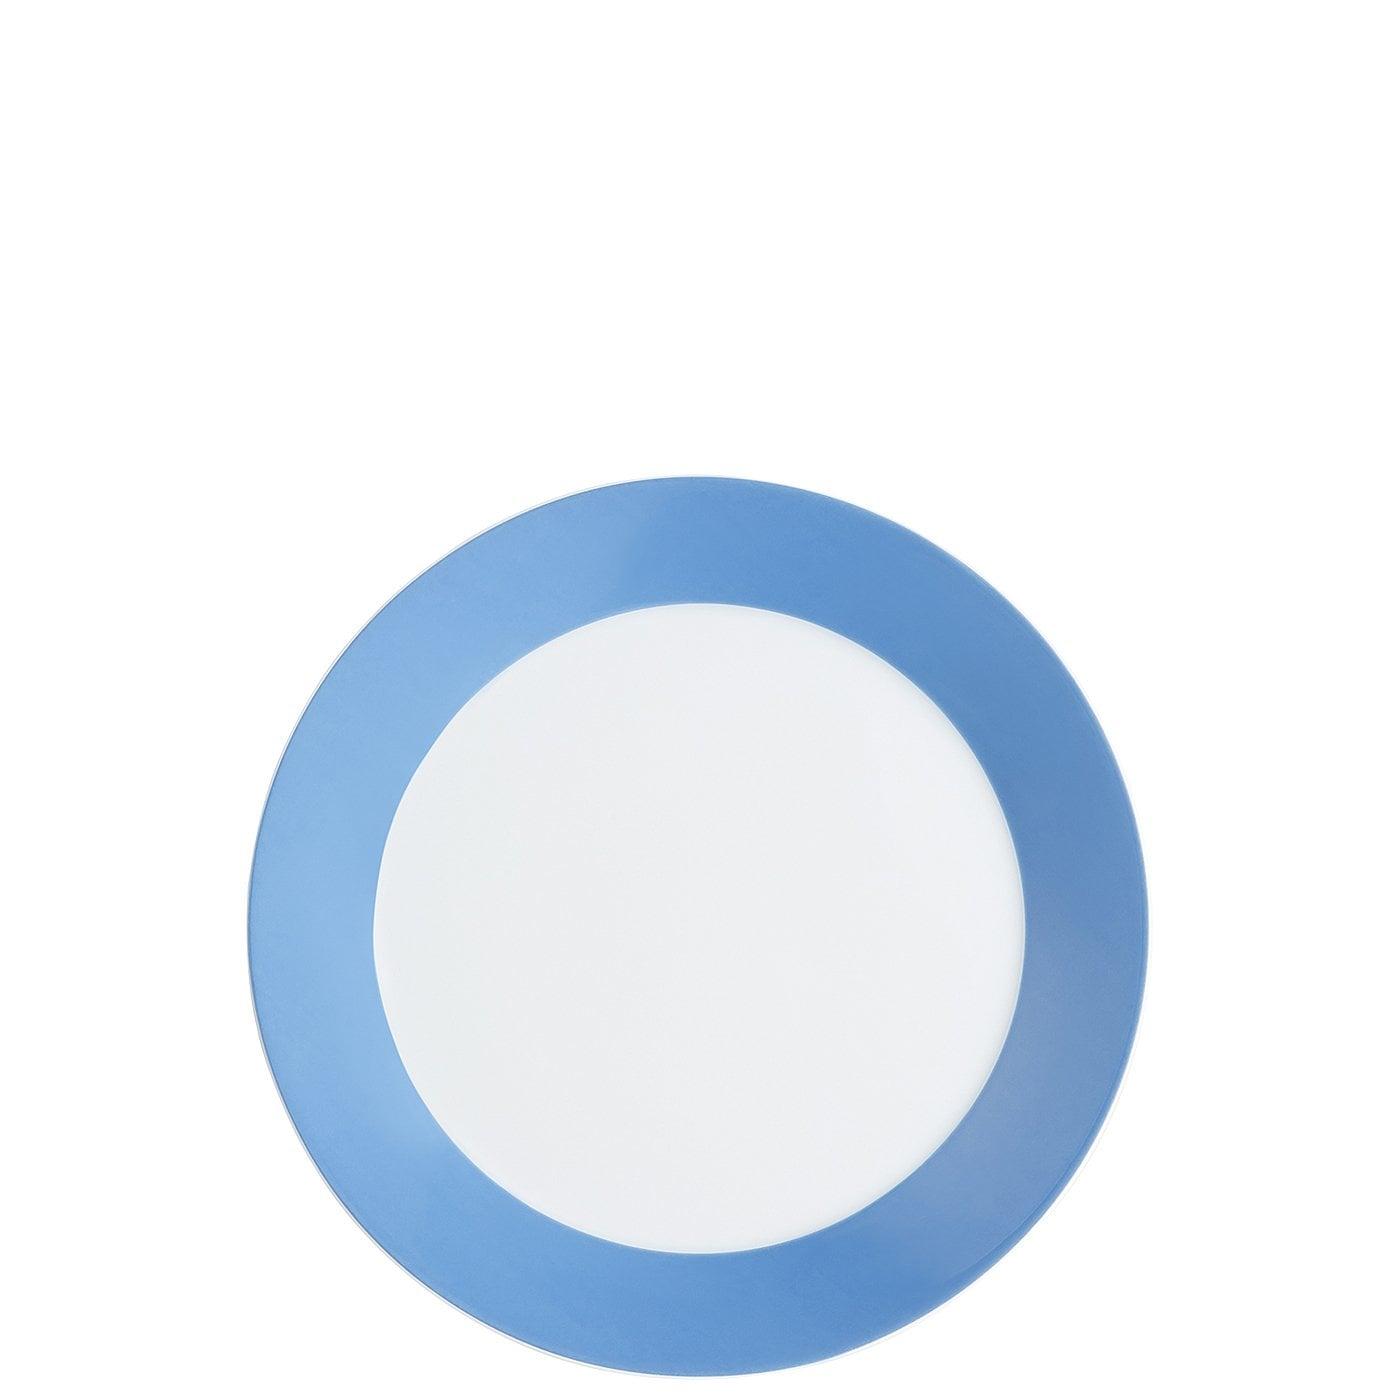 Image of TRIC blau